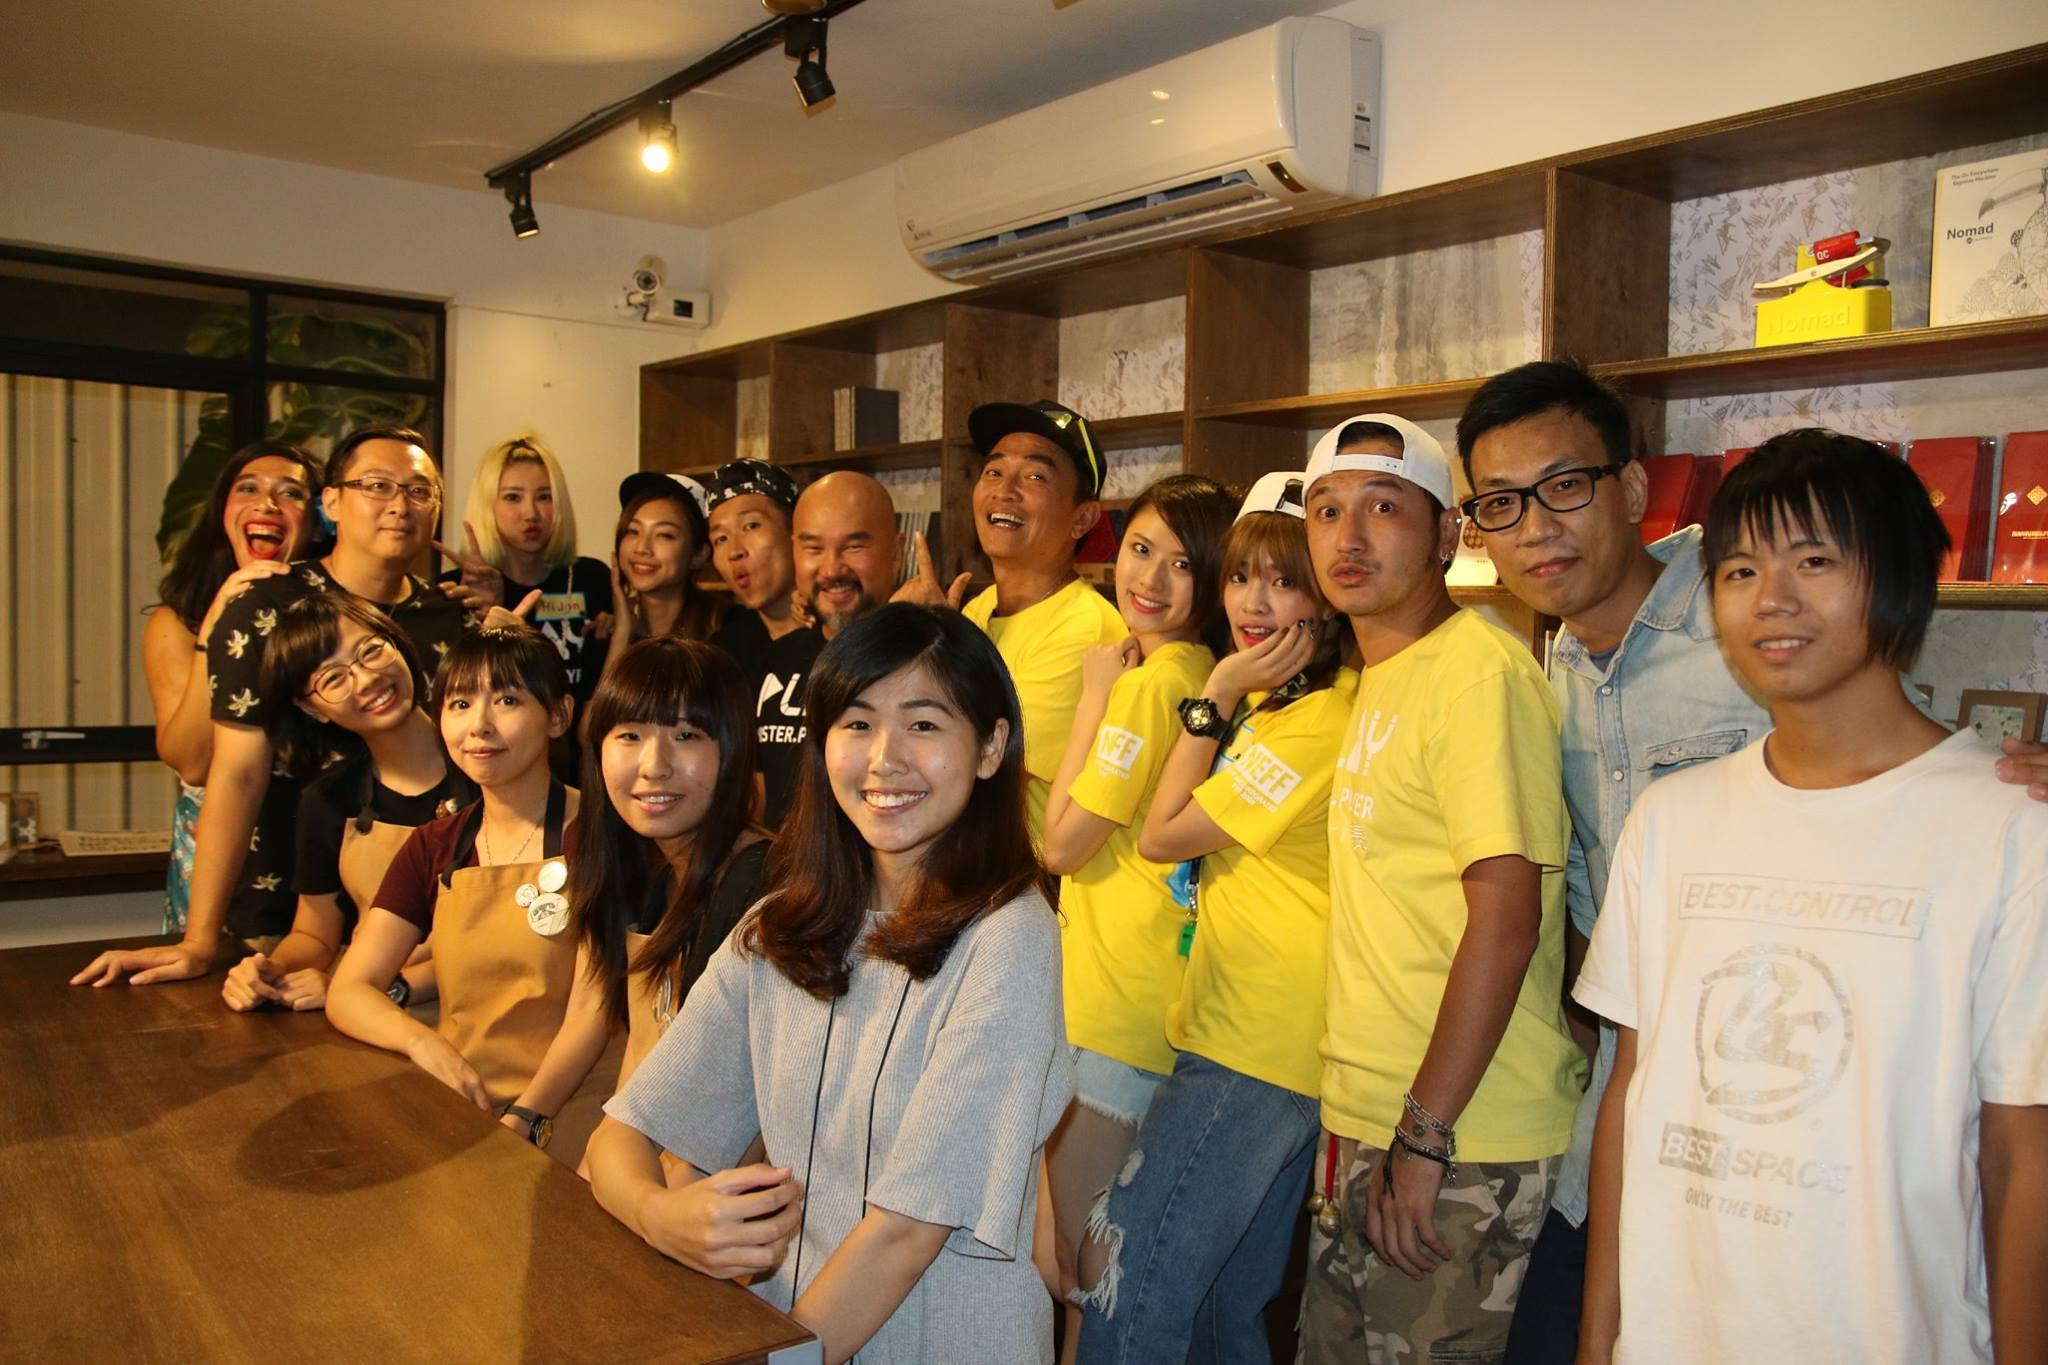 ▲原印臺南品牌在台南打響名號,獲知名節目「綜藝玩很大」主持群登門拜訪